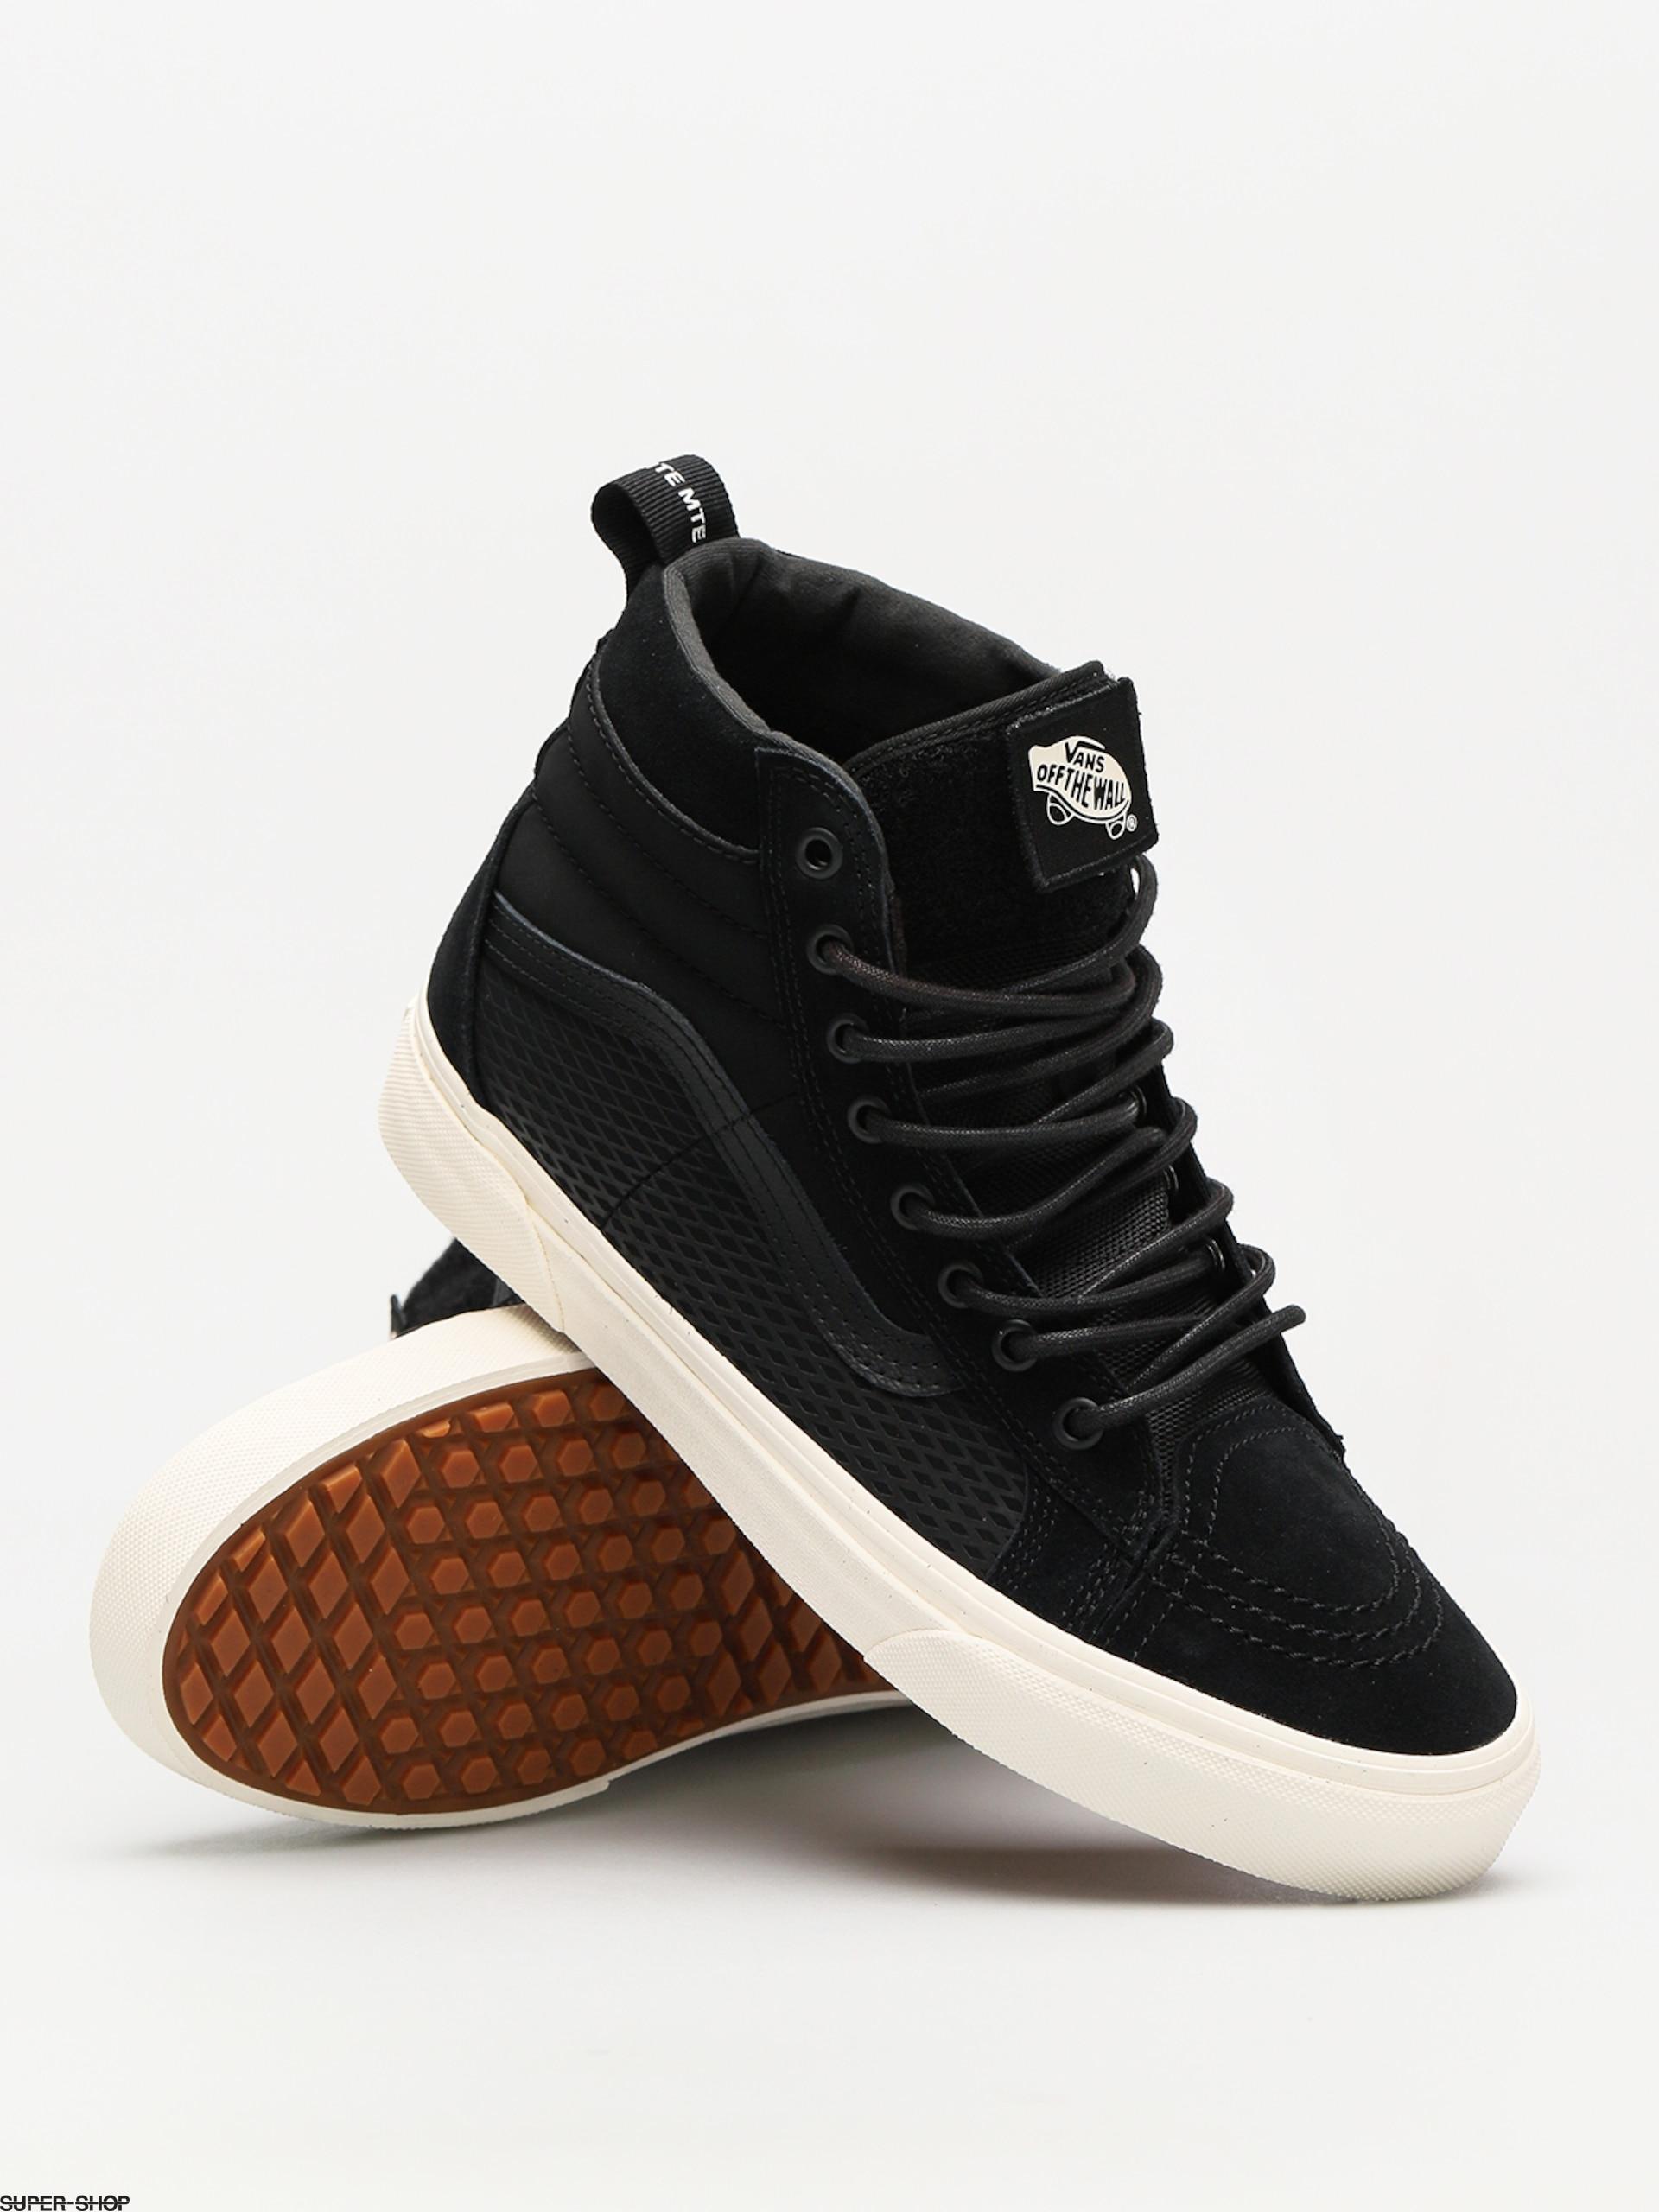 6a761ab27b53 Vans Shoes Sk8 Hi 46 Mte Dx Mte (tact black)